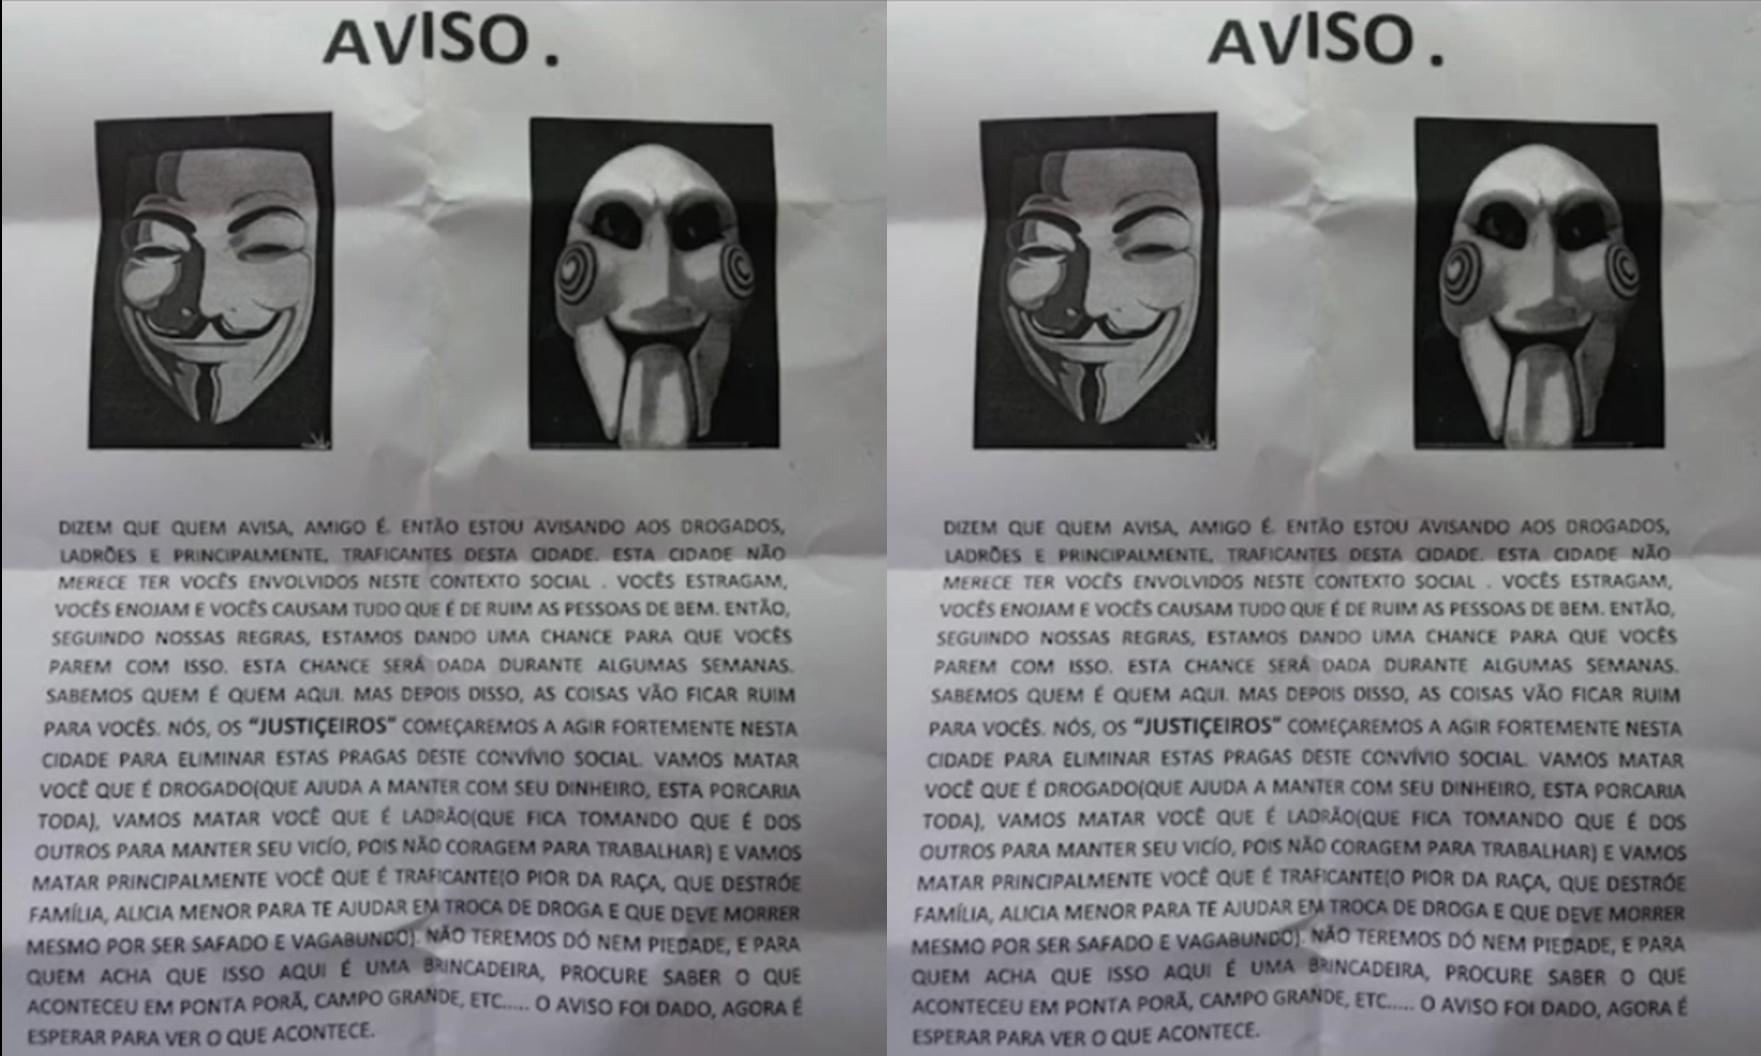 Avisos de morte são deixados por grupo que assinou execuções na fronteira Paraguai/Brasil: 'Não teremos dó'